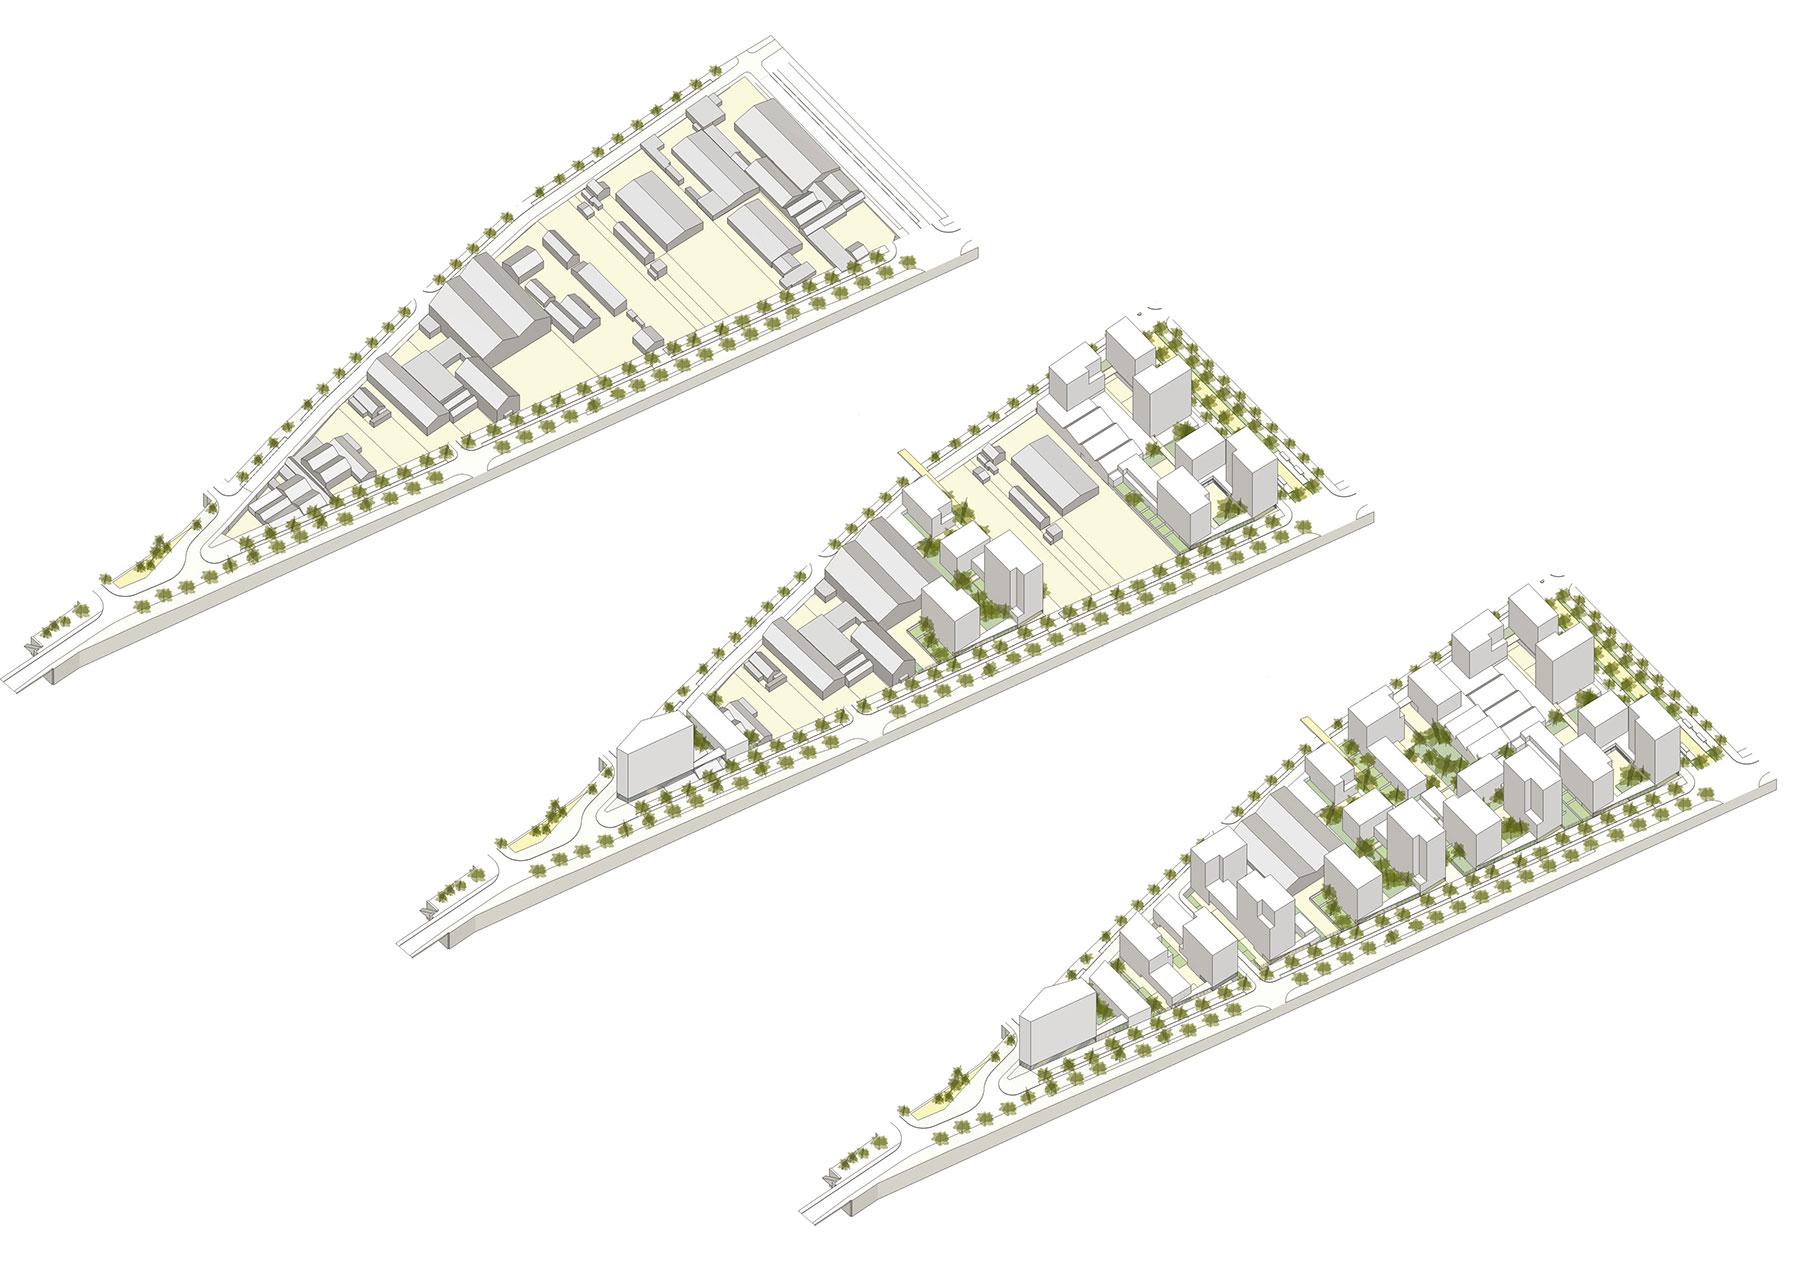 11- Processus- germe-et-jam-VITG-Vitry-gare-projet-urbain-axo-allende-phase-paysage